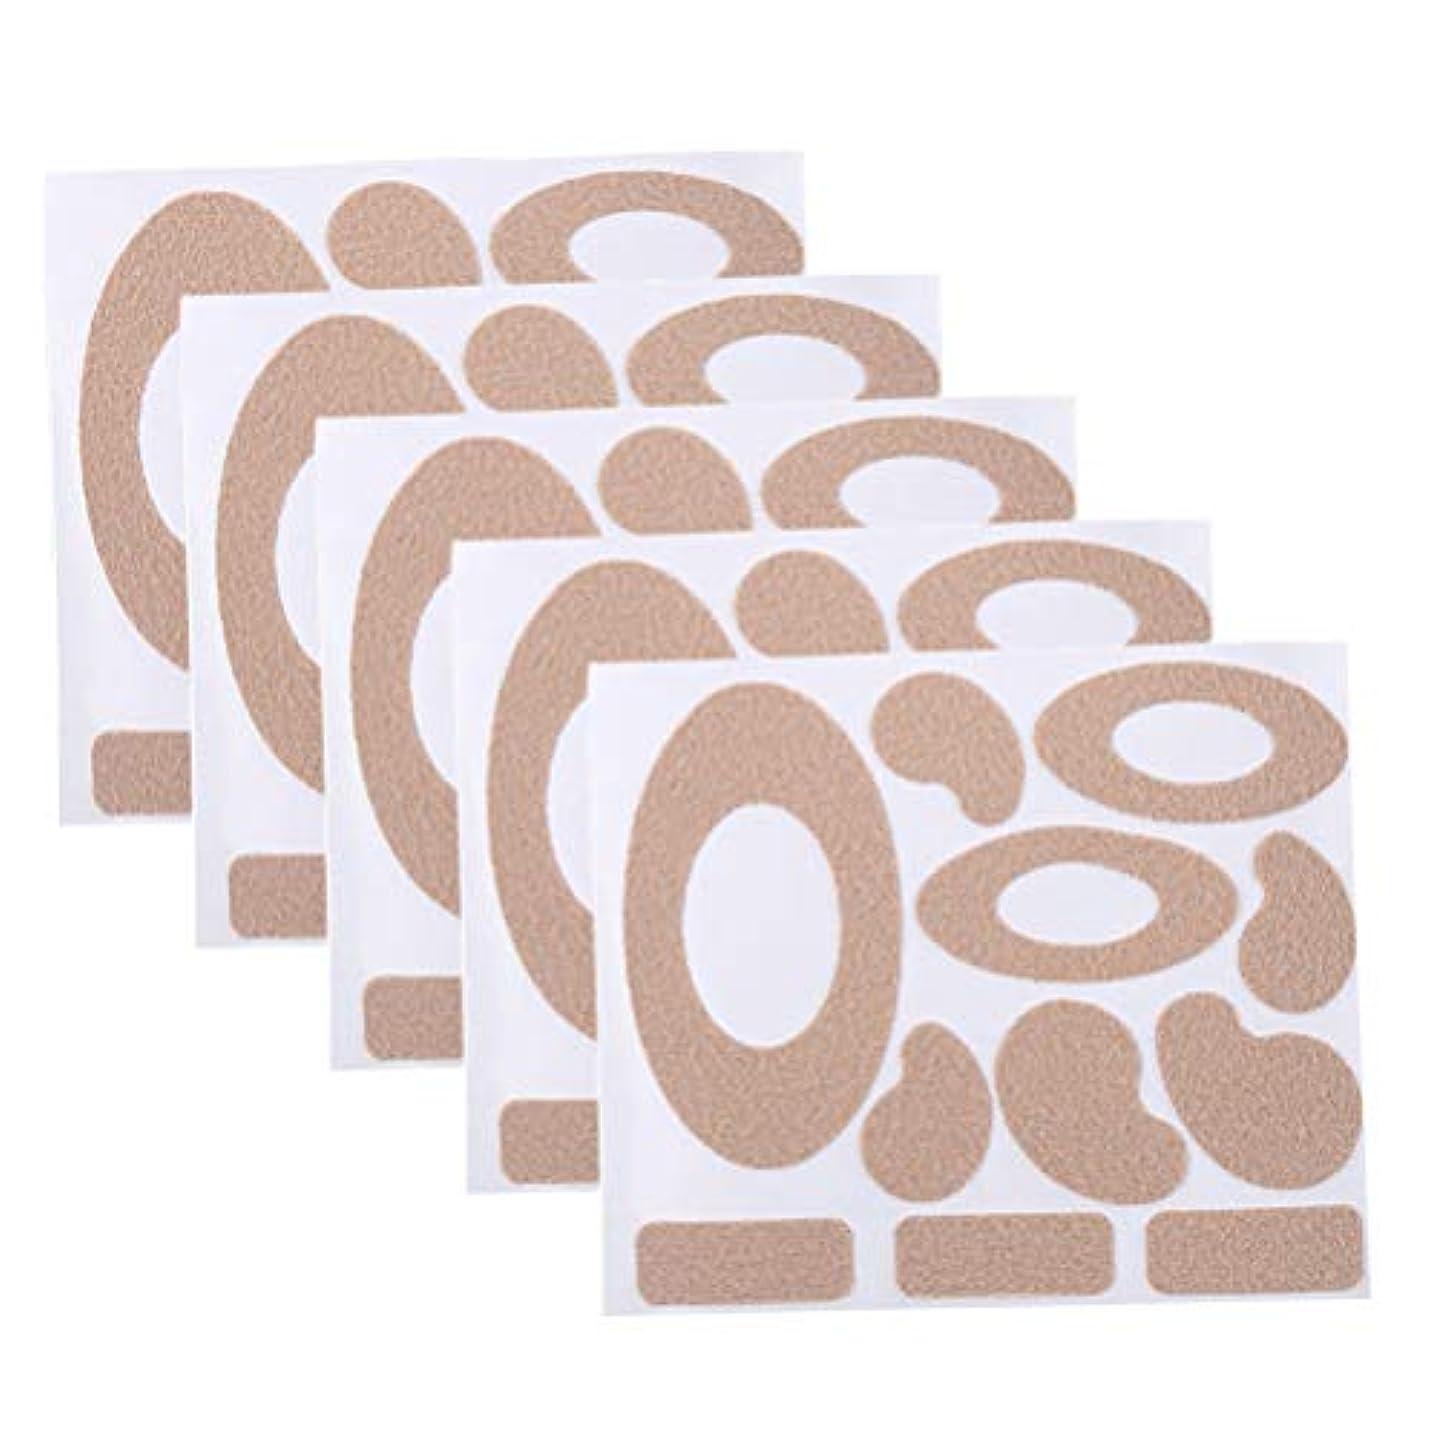 退屈させる副詞建築Healifty モールスキンテープフランネル粘着パッド耐摩耗性ヒールステッカーブリスタードレッシング防止パッド足用10枚